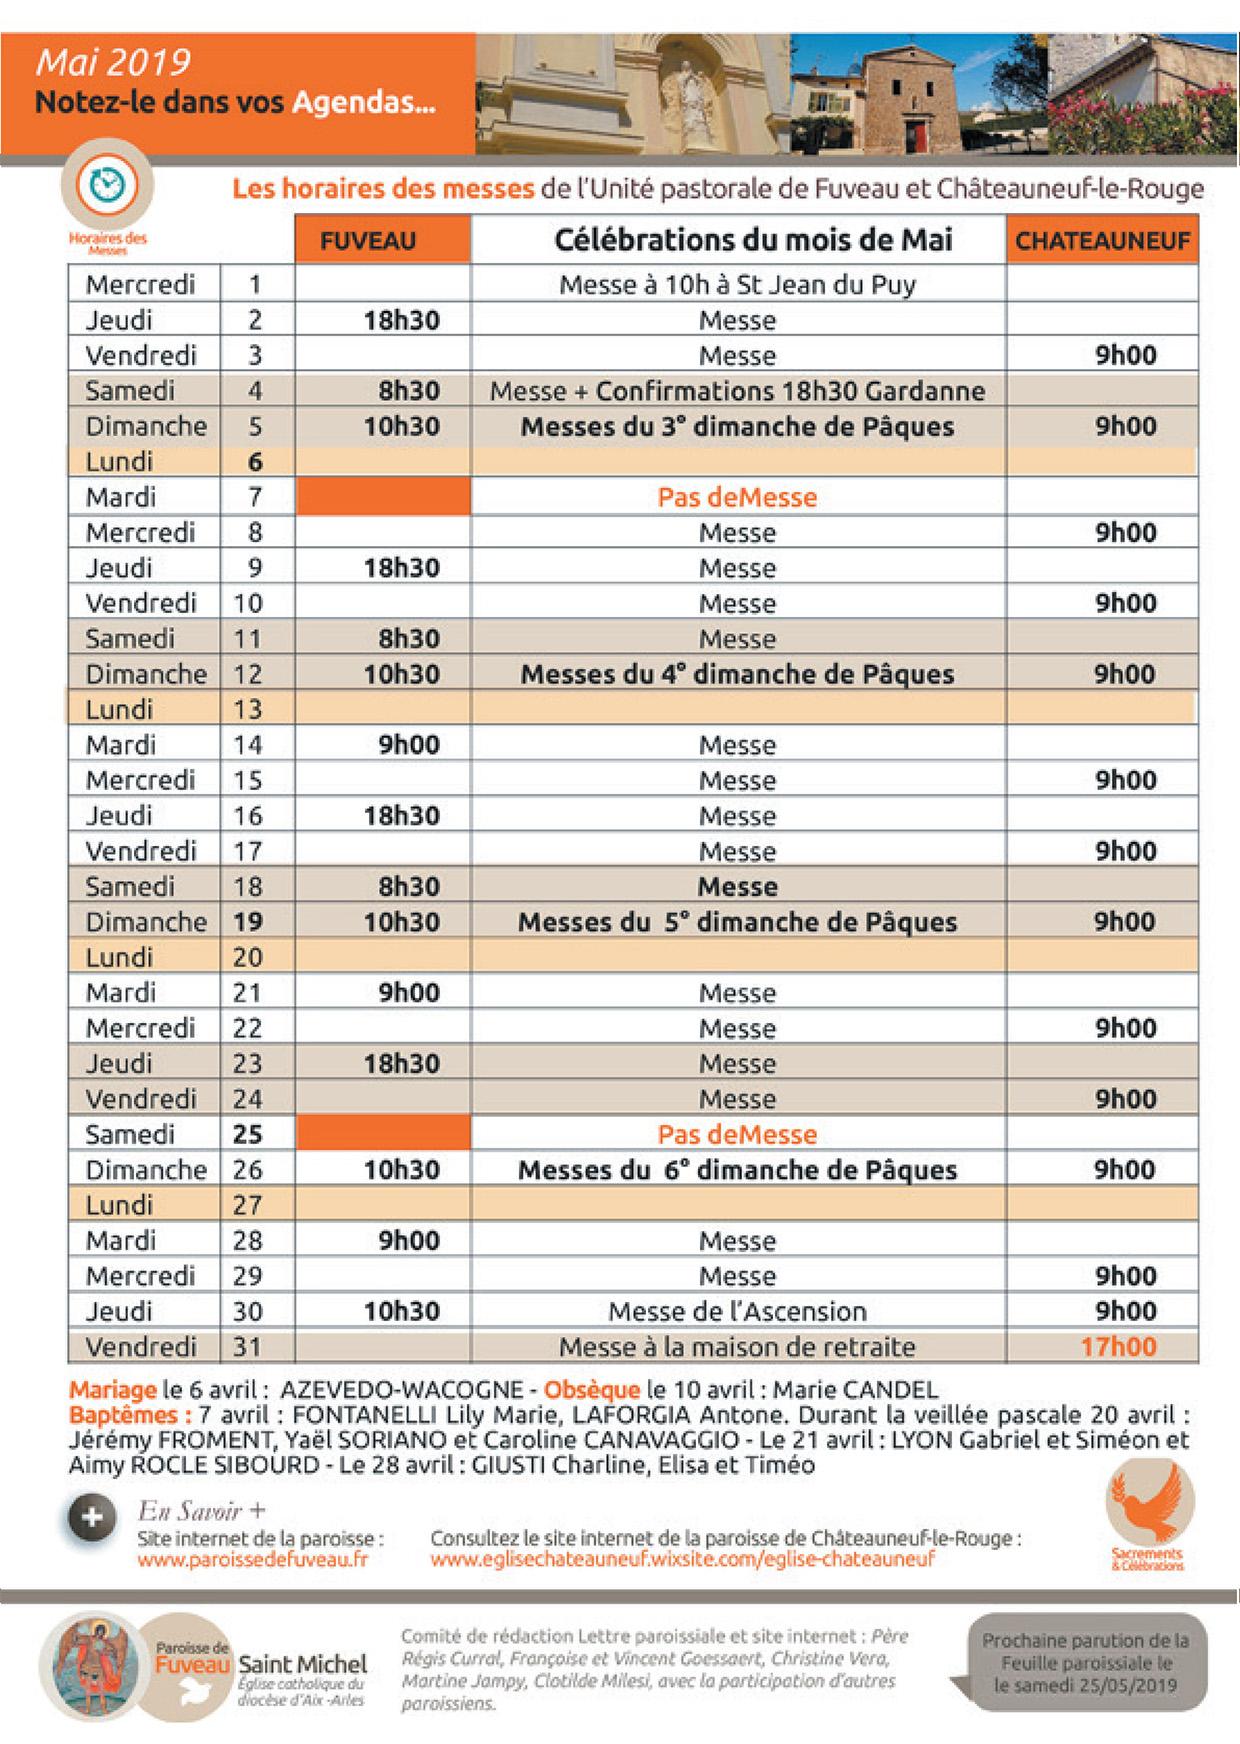 Horaires des messes Paroisses de Fuveau et Châteauneuf-le-Rouge